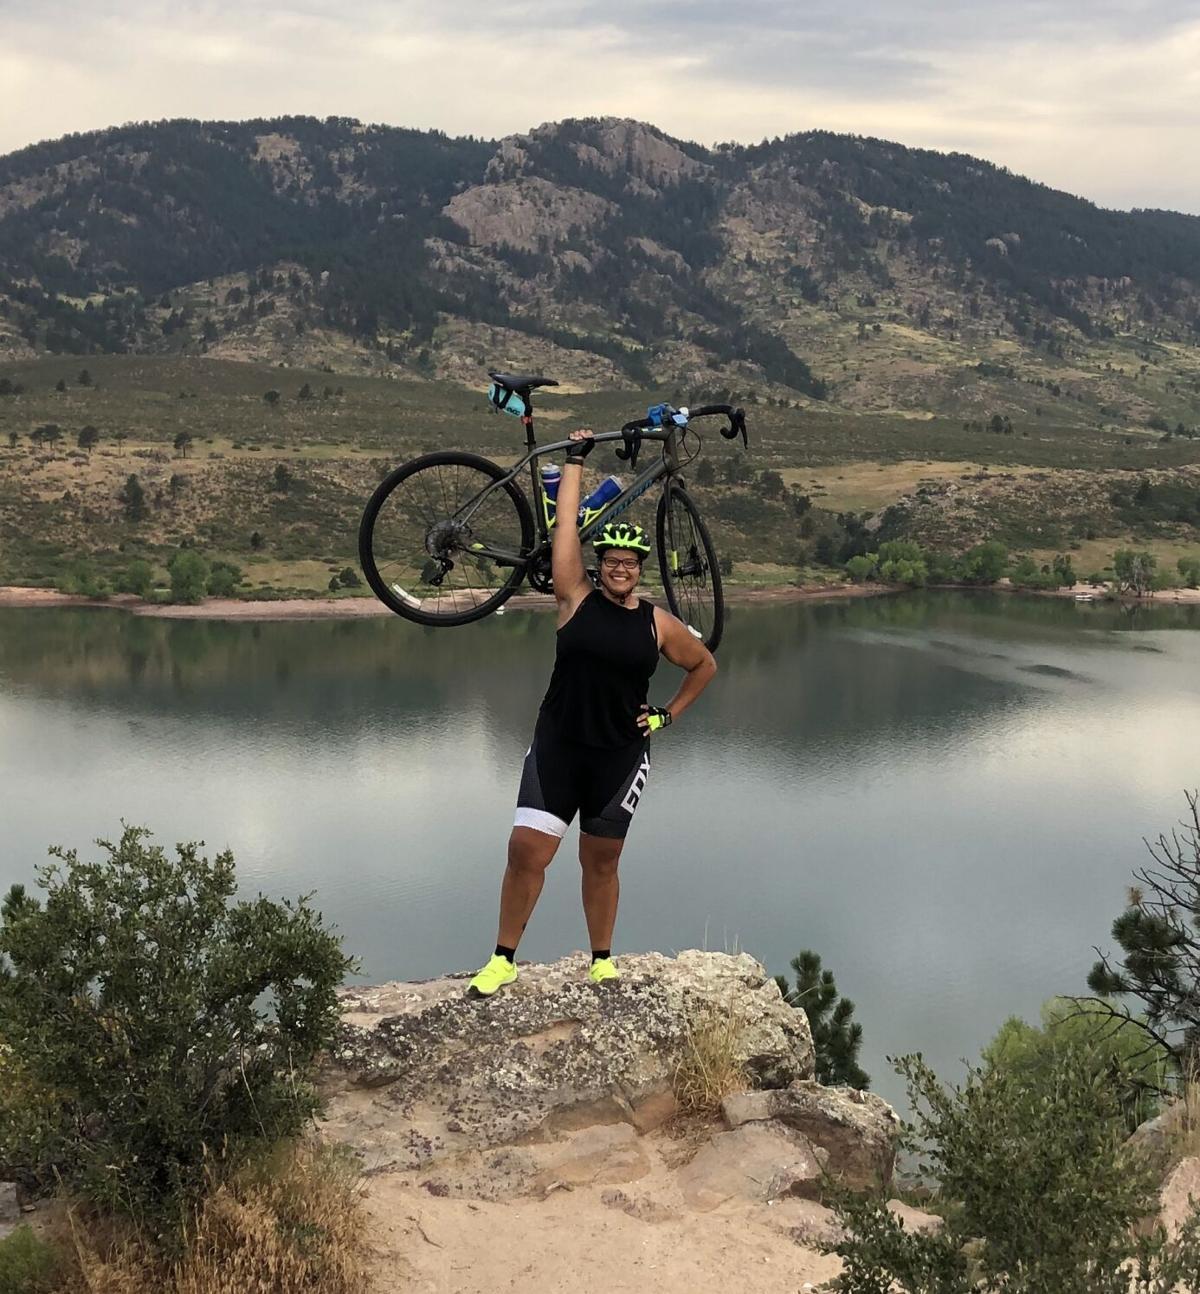 Alisha Zellner, with bike